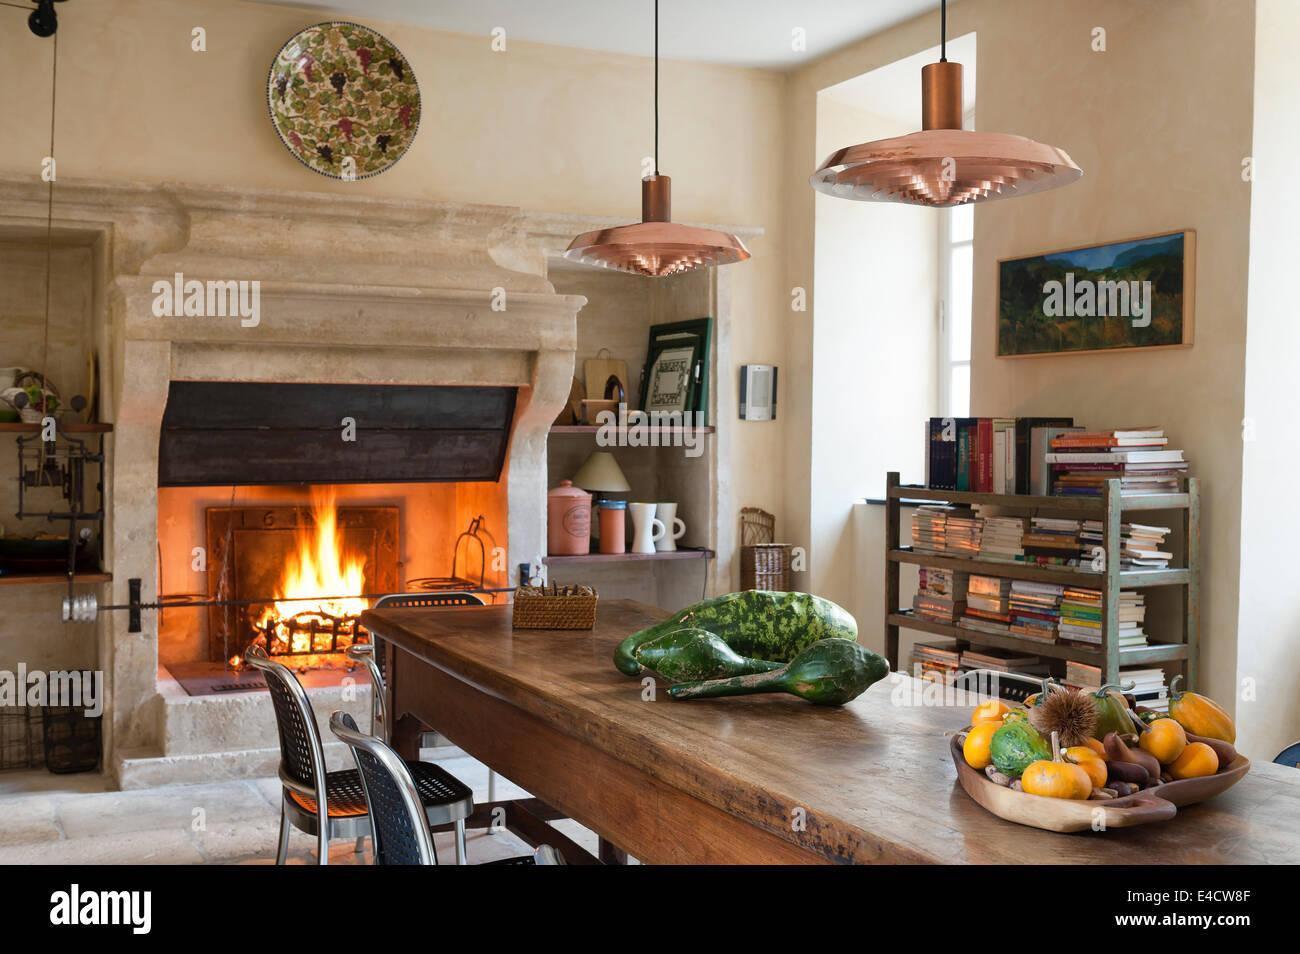 Camino In Pietra E Legno : Cucina provenzale con grande camino in pietra e tavolo da pranzo